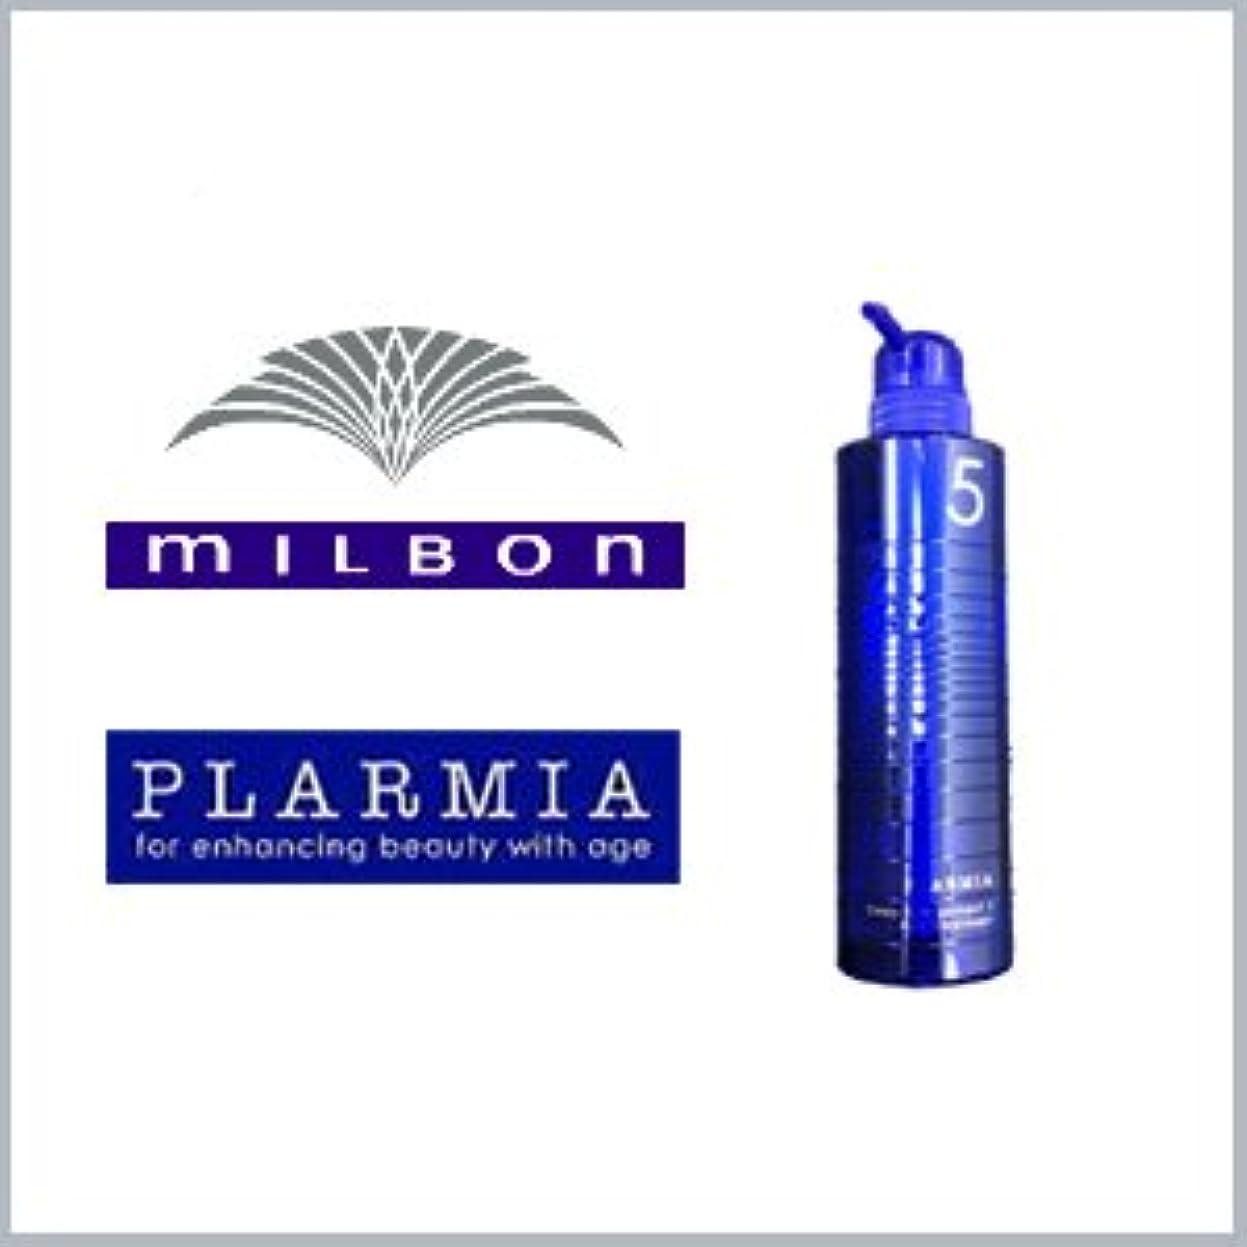 周術期虫取るに足らないミルボン プラーミア ディープエナジメント5 空容器 500g